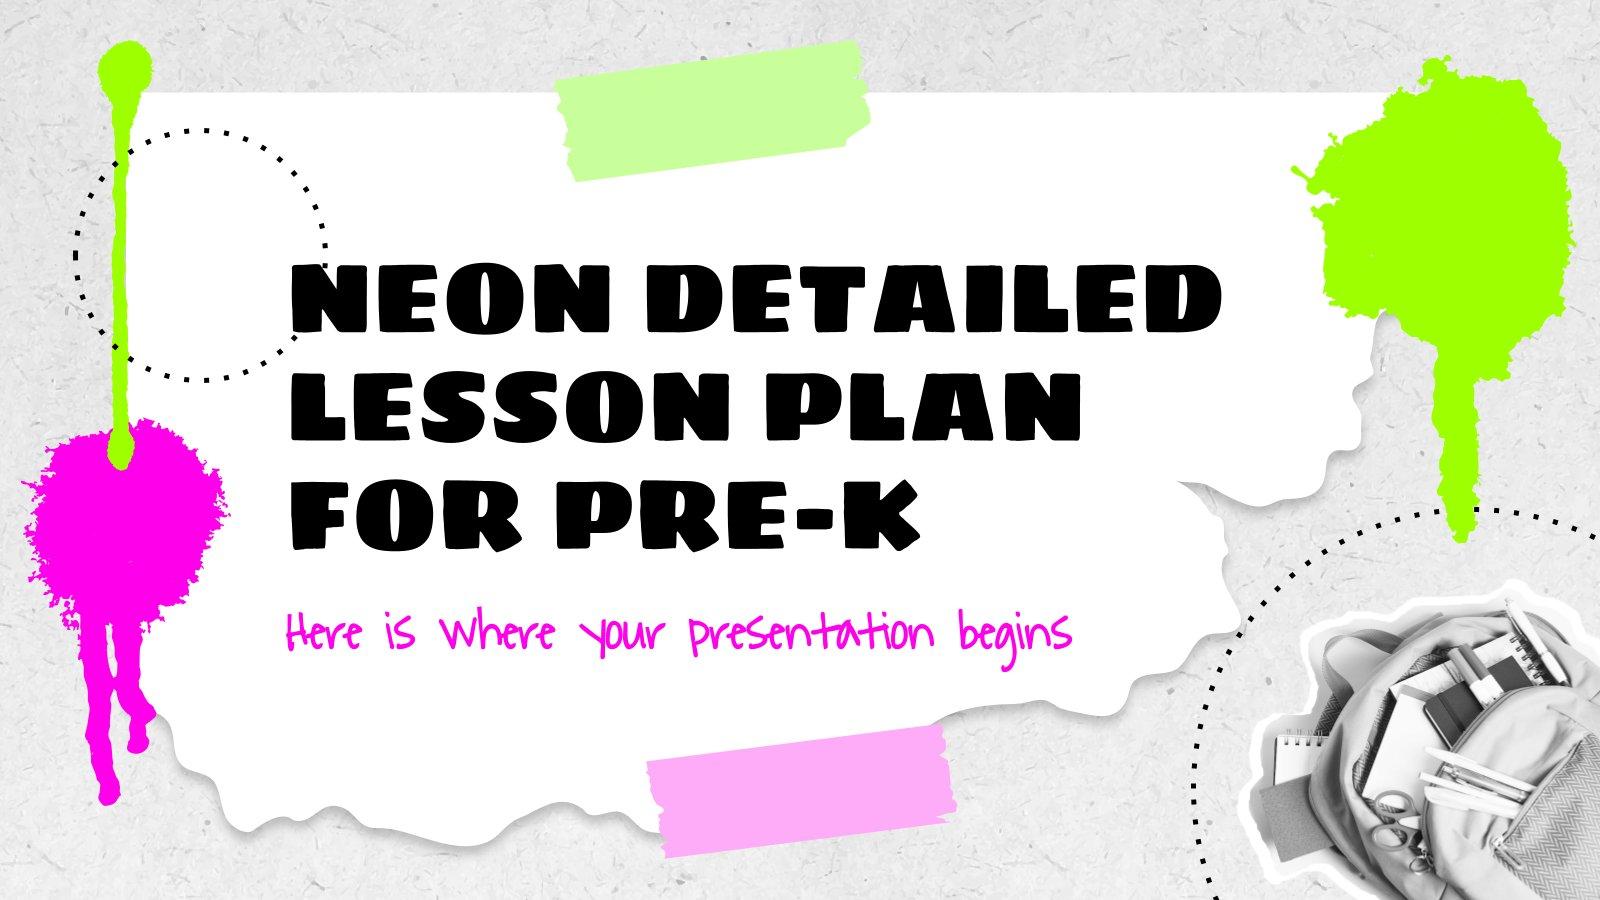 Modelo de apresentação Plano de aula detalhado de néon para pré-escola